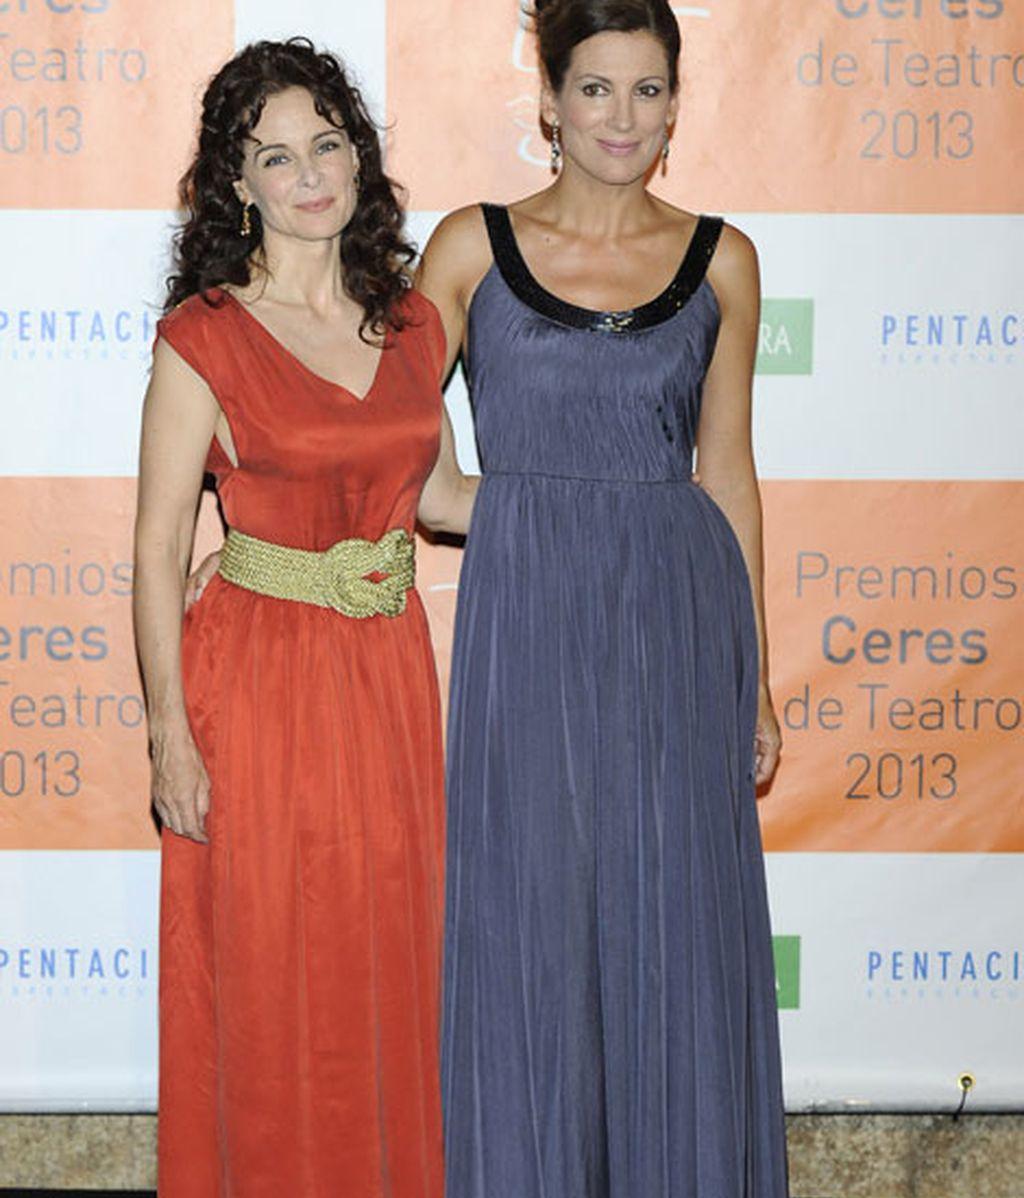 La actriz Silvia Marsó y la modelo Remedios Cervantes, también de romanas